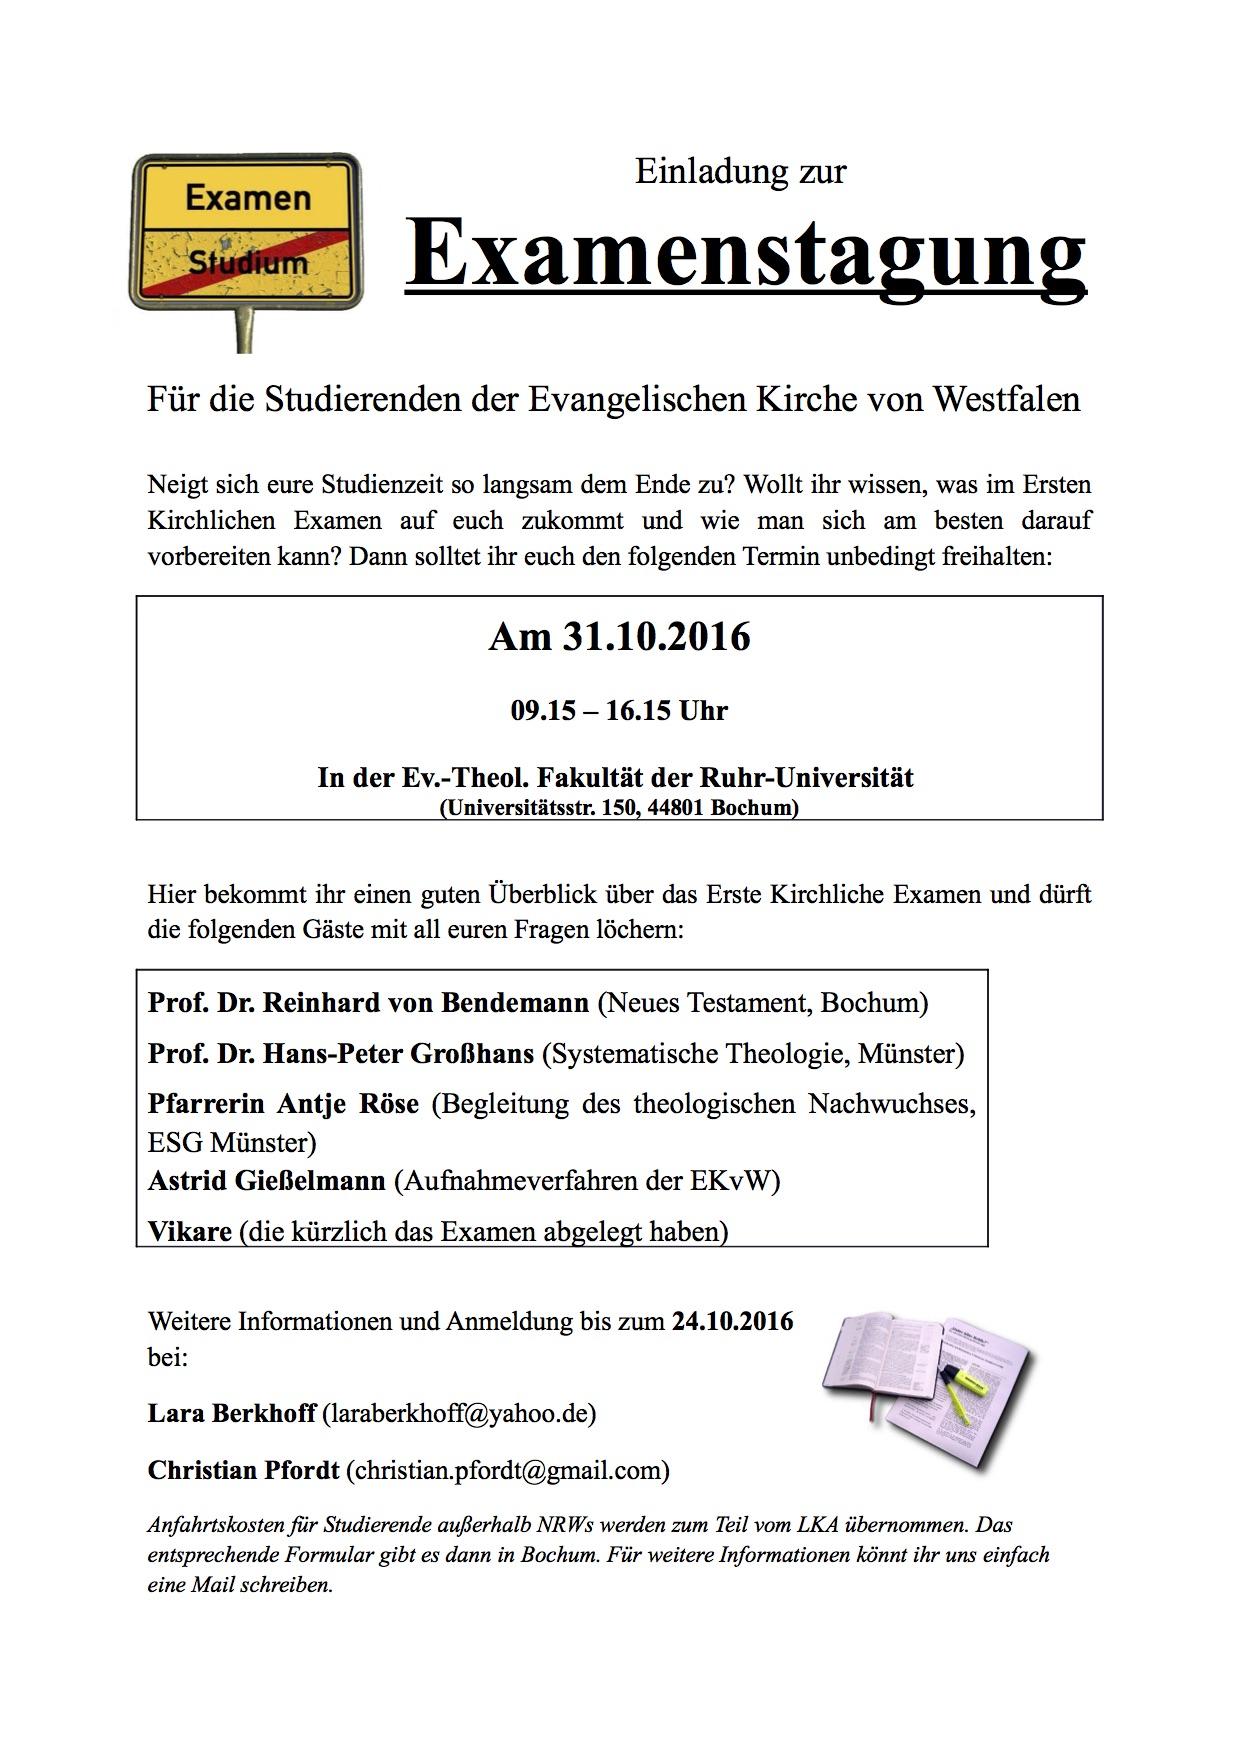 Plakat Examenstagung